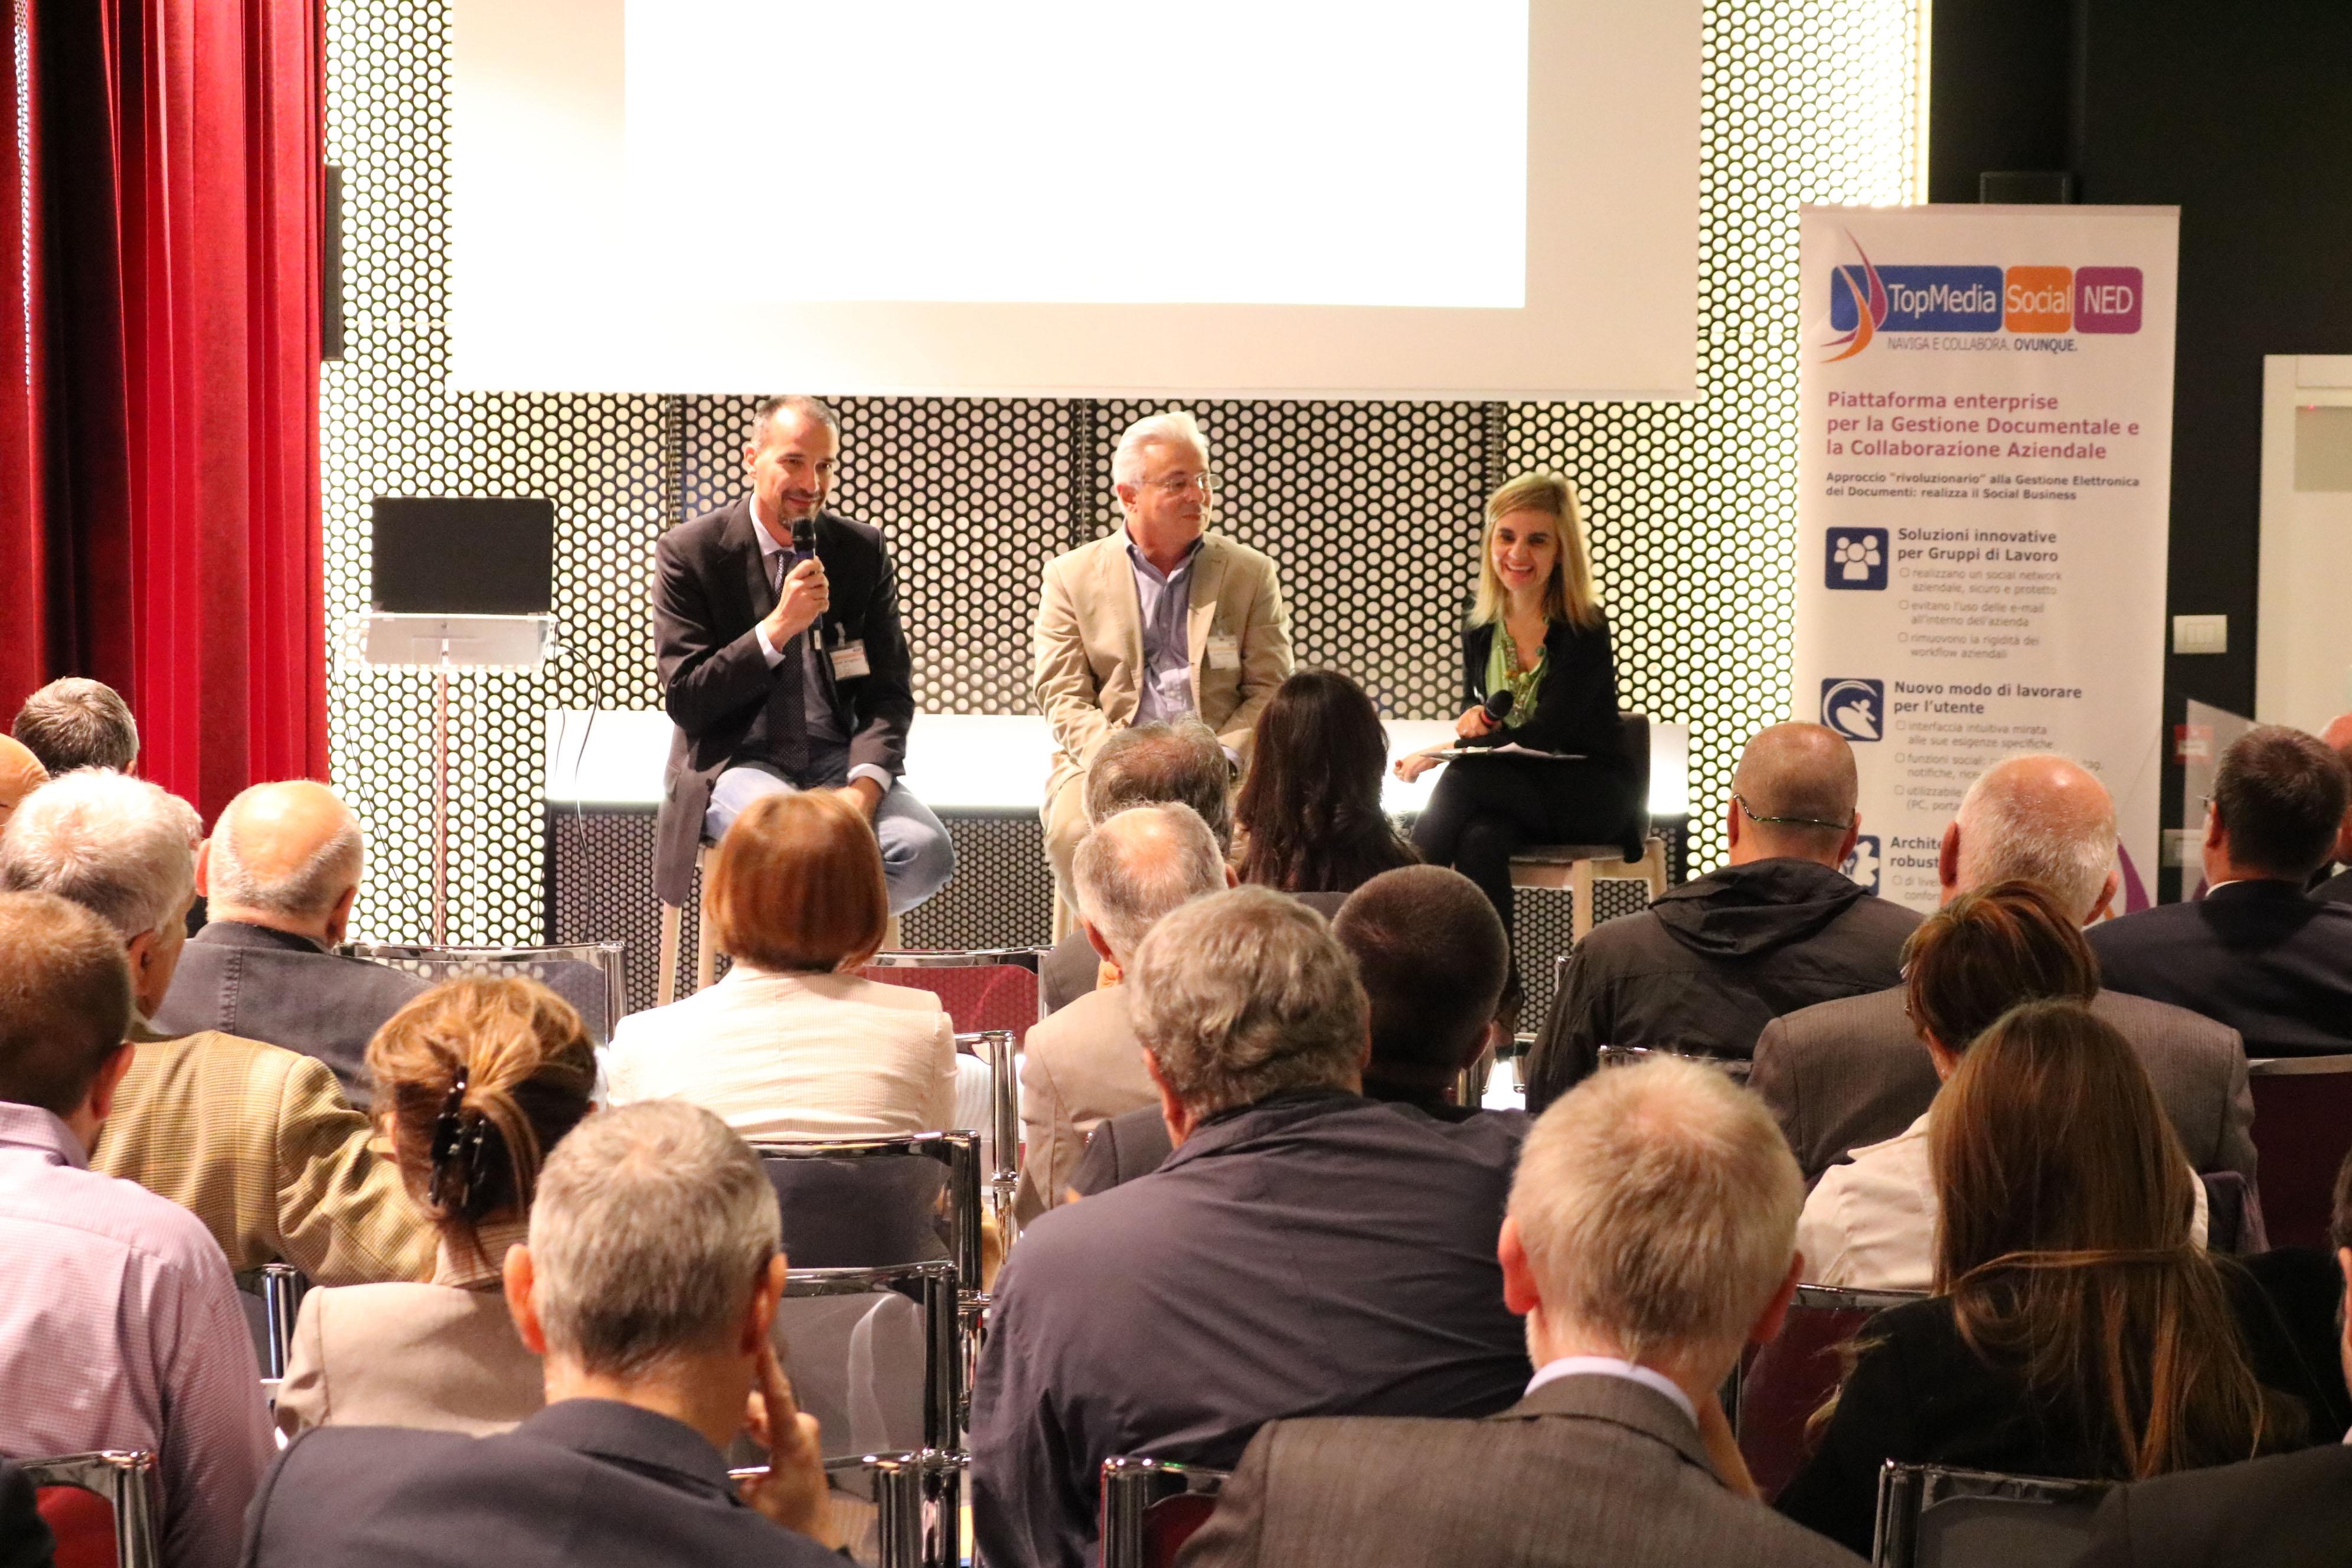 Adriano Braghieri, GEA, e Angelo Cantoni, DIGILAN, durante l'intervista